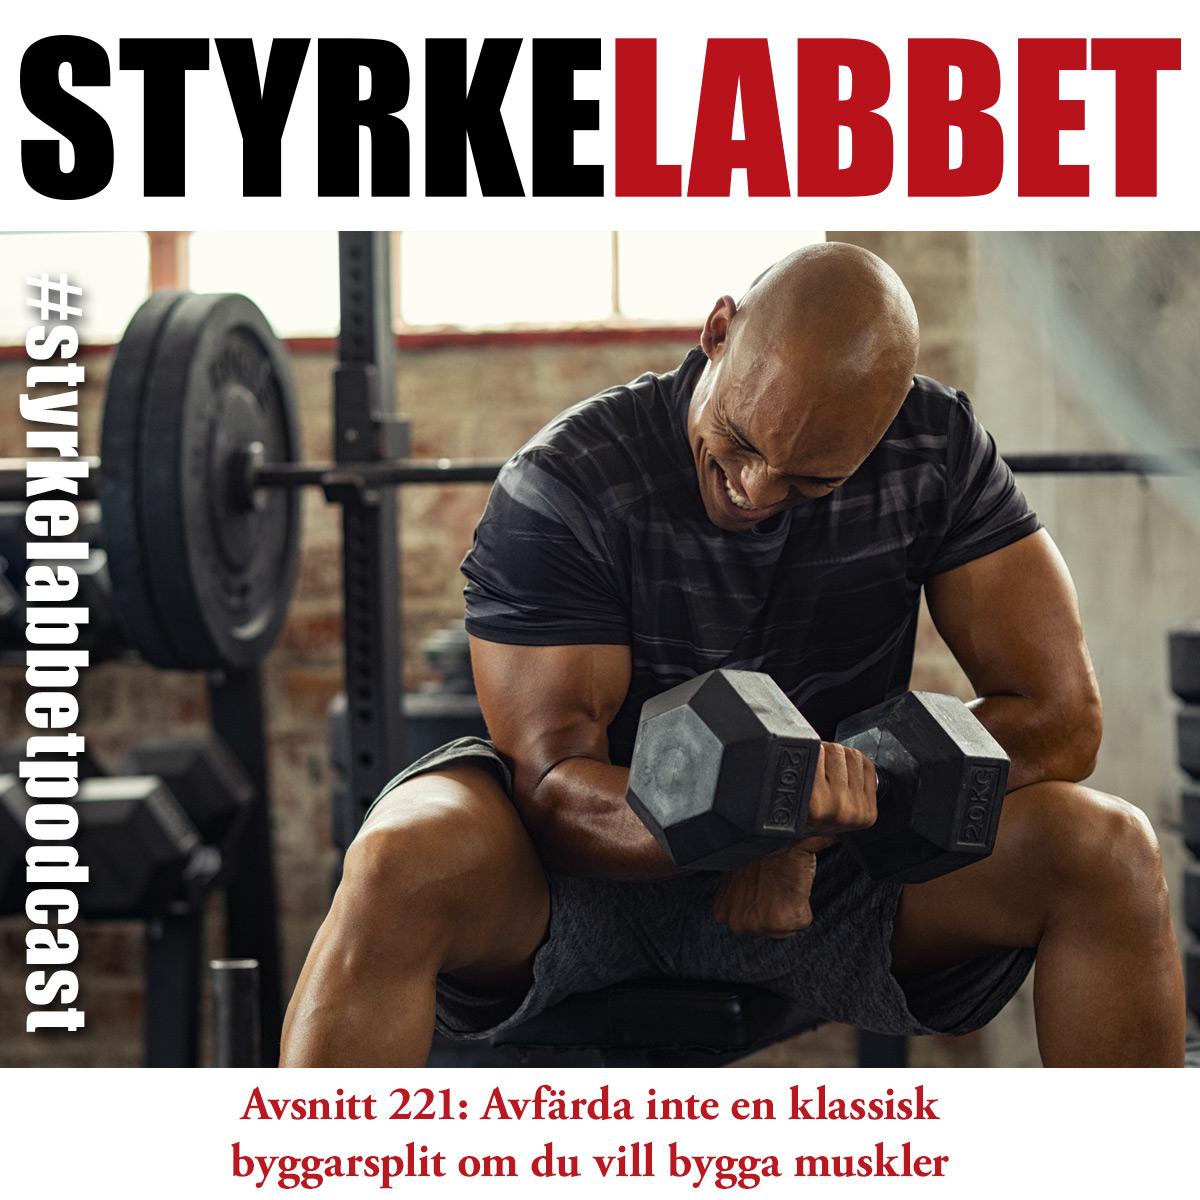 Styrkelabbet avsnitt 221: Avfärda inte en klassisk byggarsplit om du vill bygga muskler